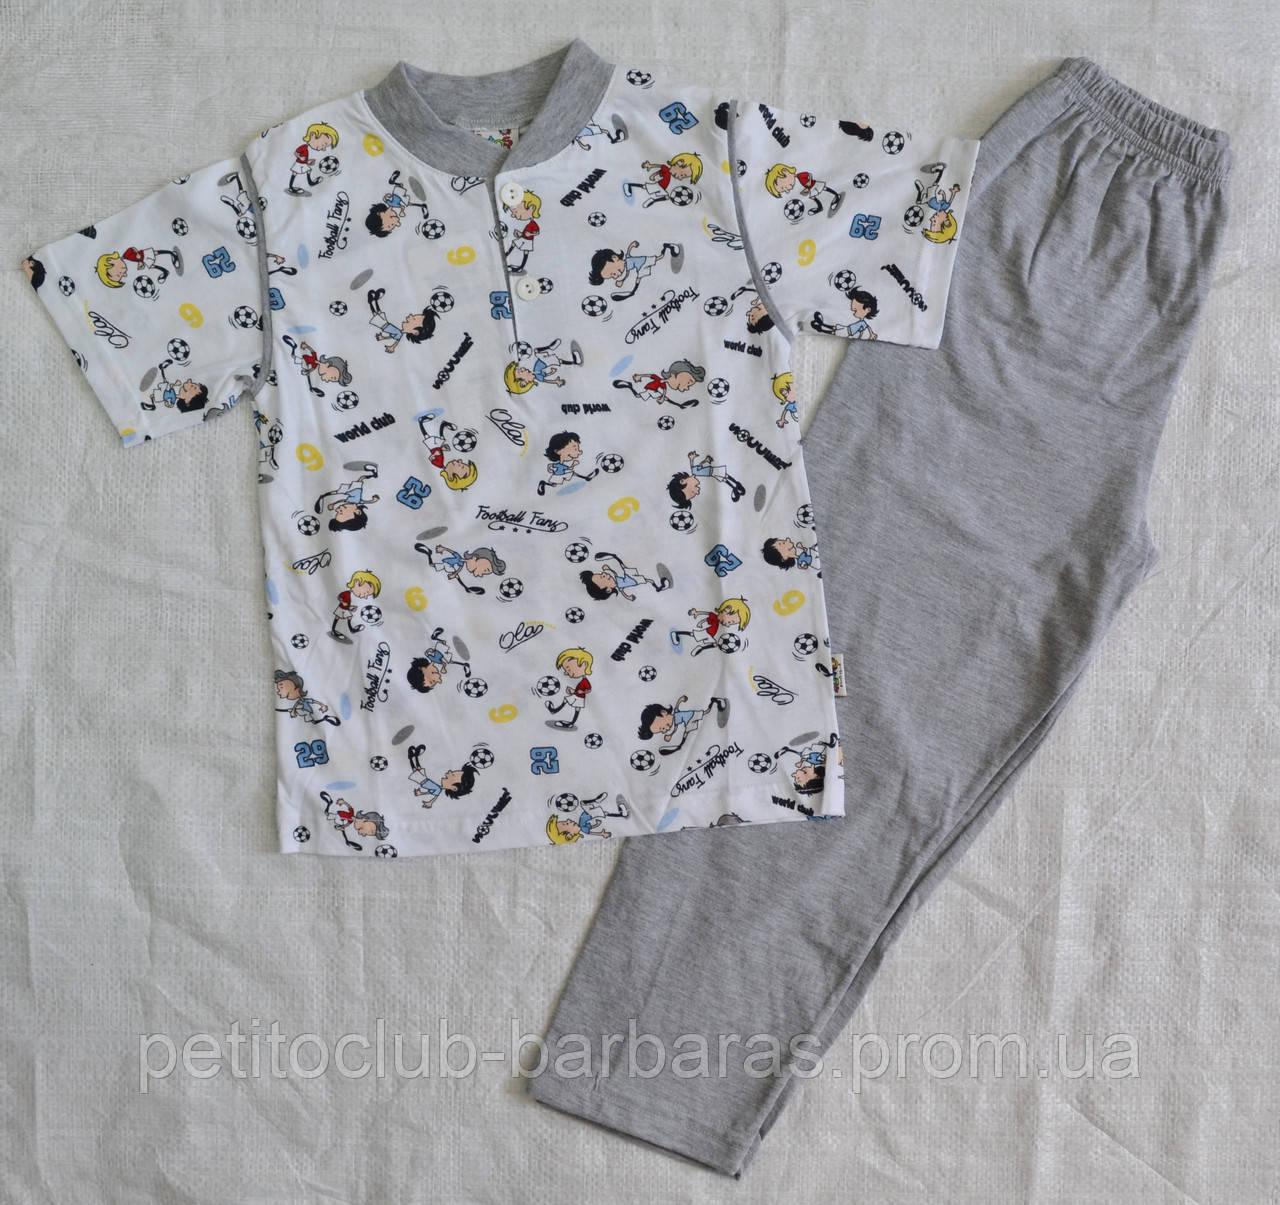 Летняя детская пижама для мальчиков серая р.110-116 см (OZTAS, Турция)